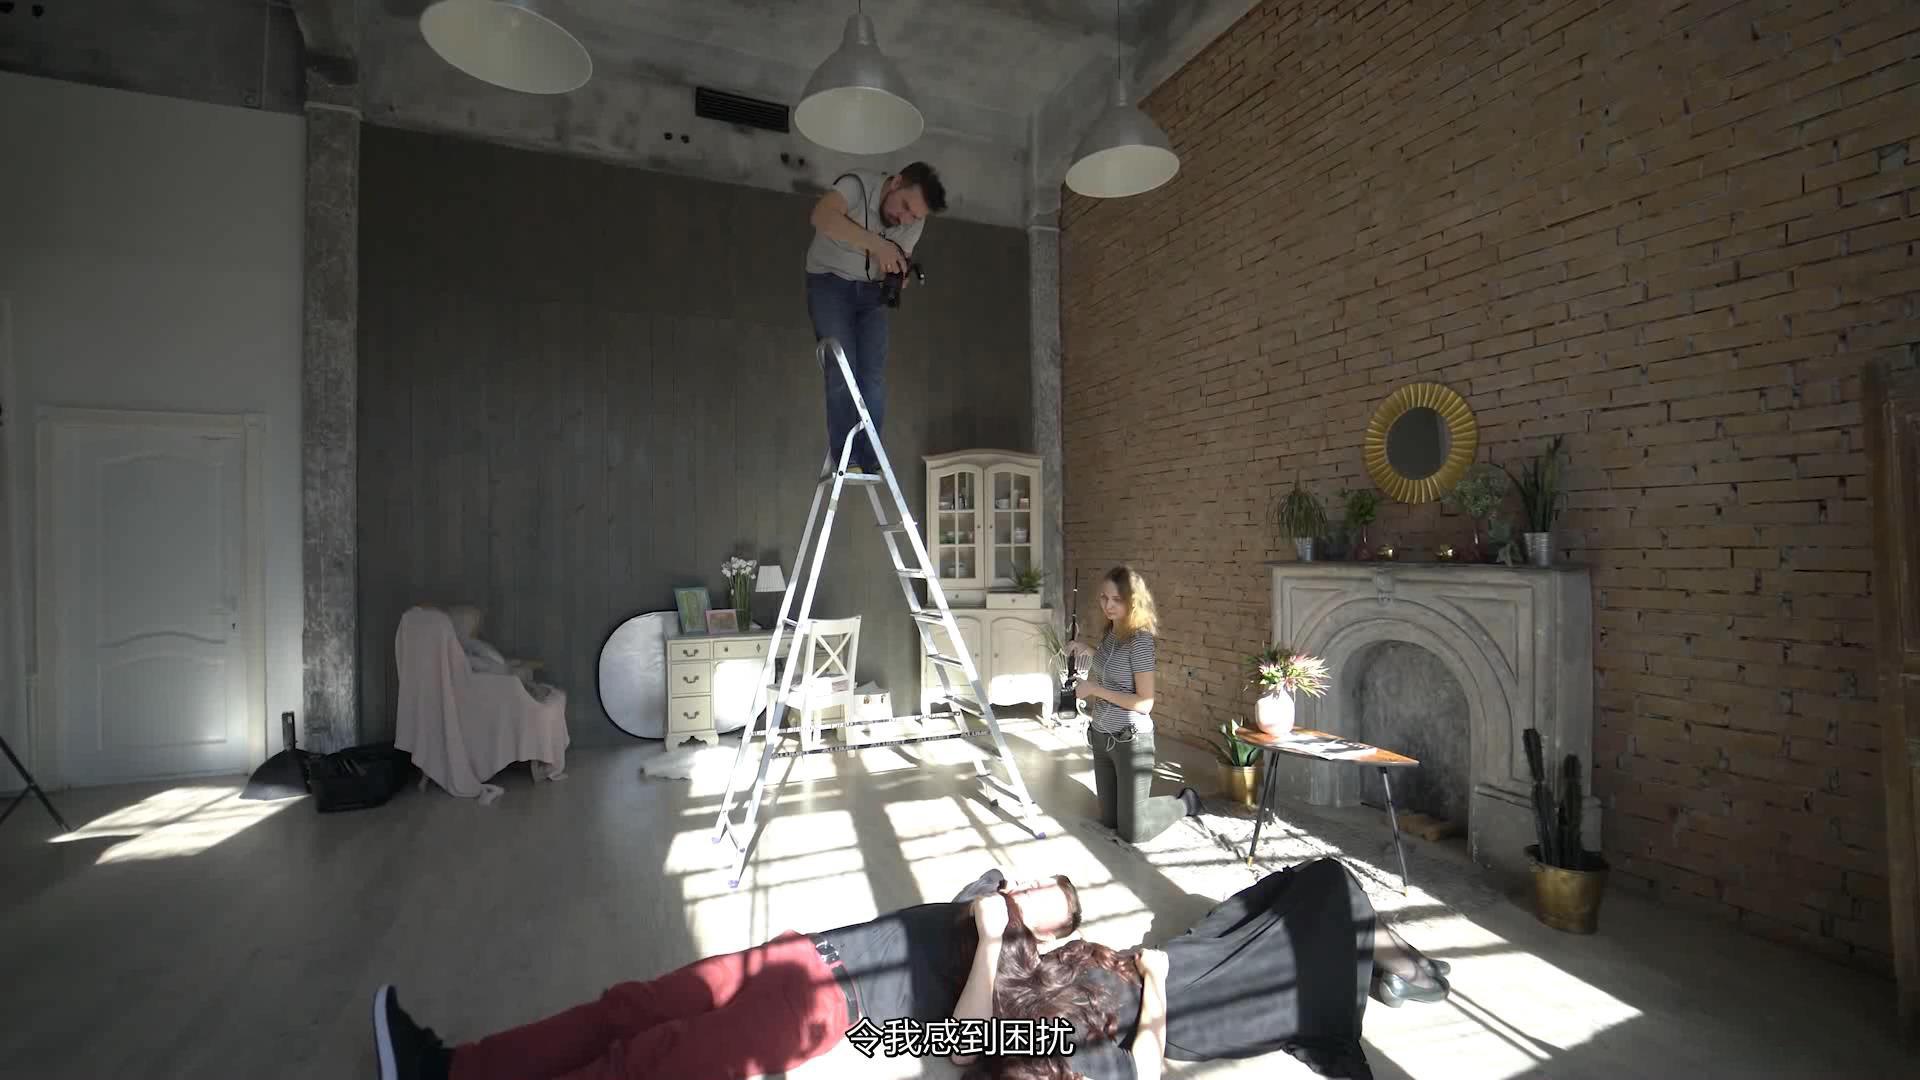 摄影教程_Alexey Gaidin实践30多种人造光闪光灯摄影布光教程-中文字幕 摄影教程 _预览图7